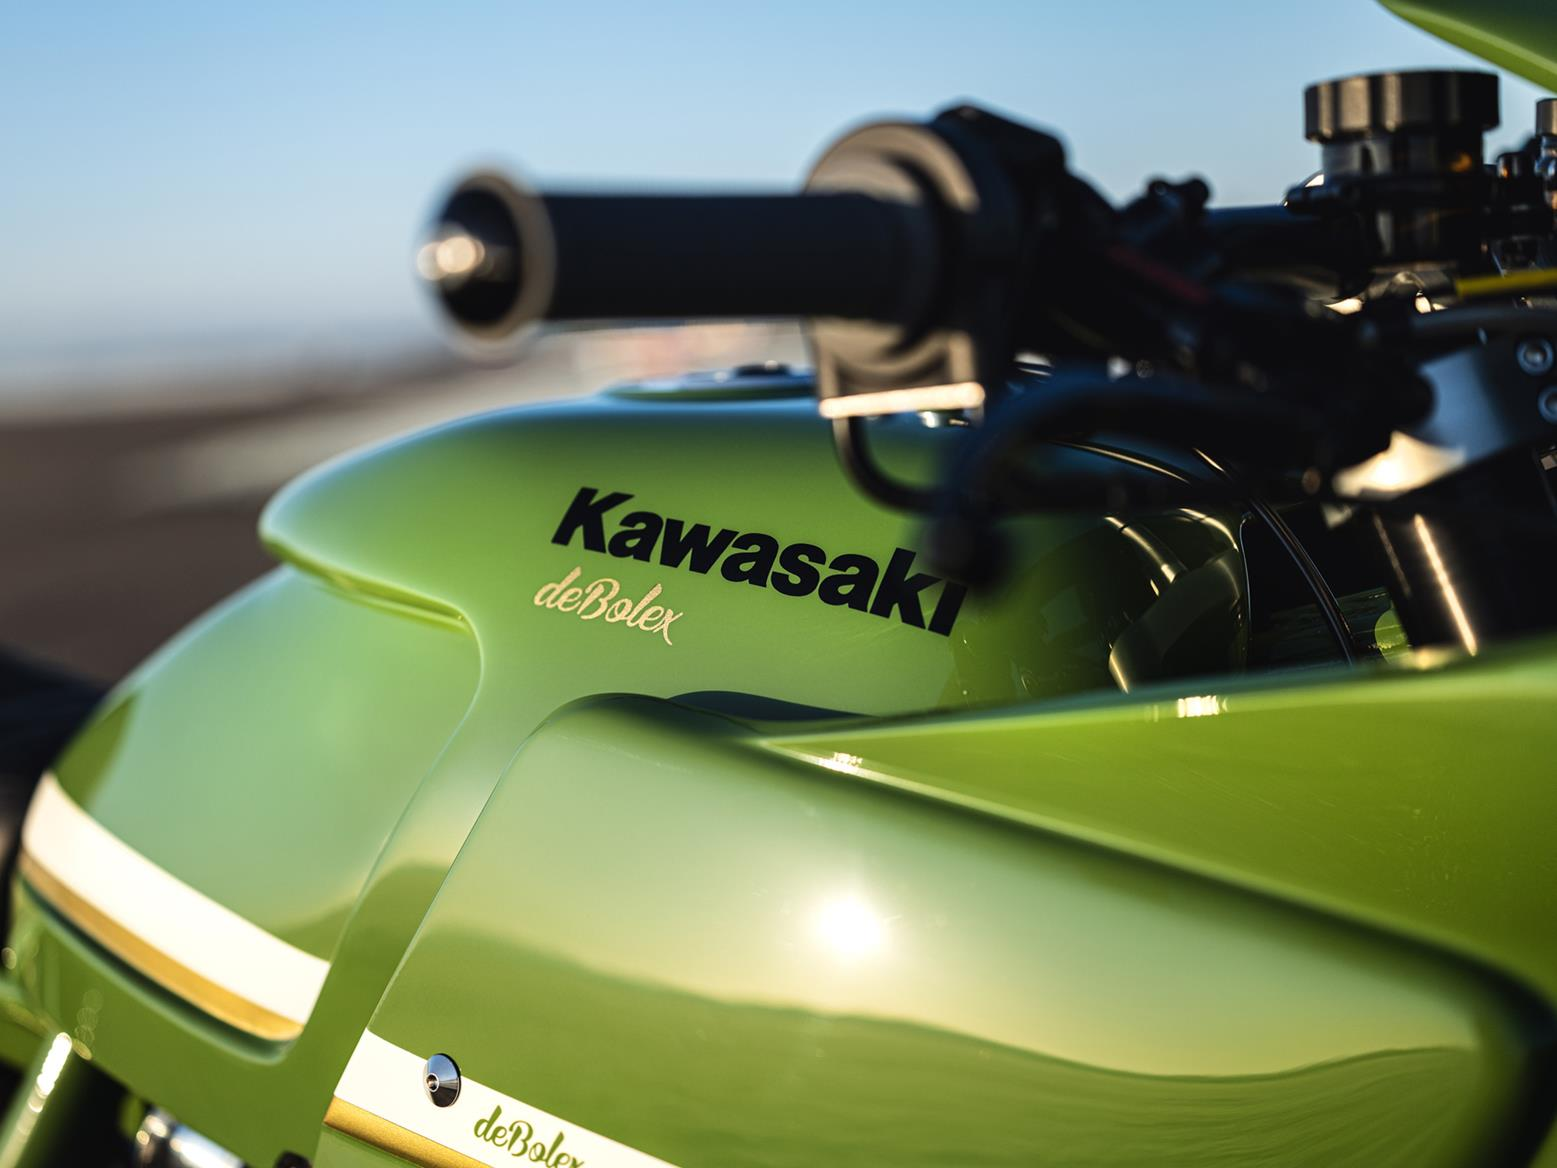 deBolex Kawasaki ZRX1200R fuel tank